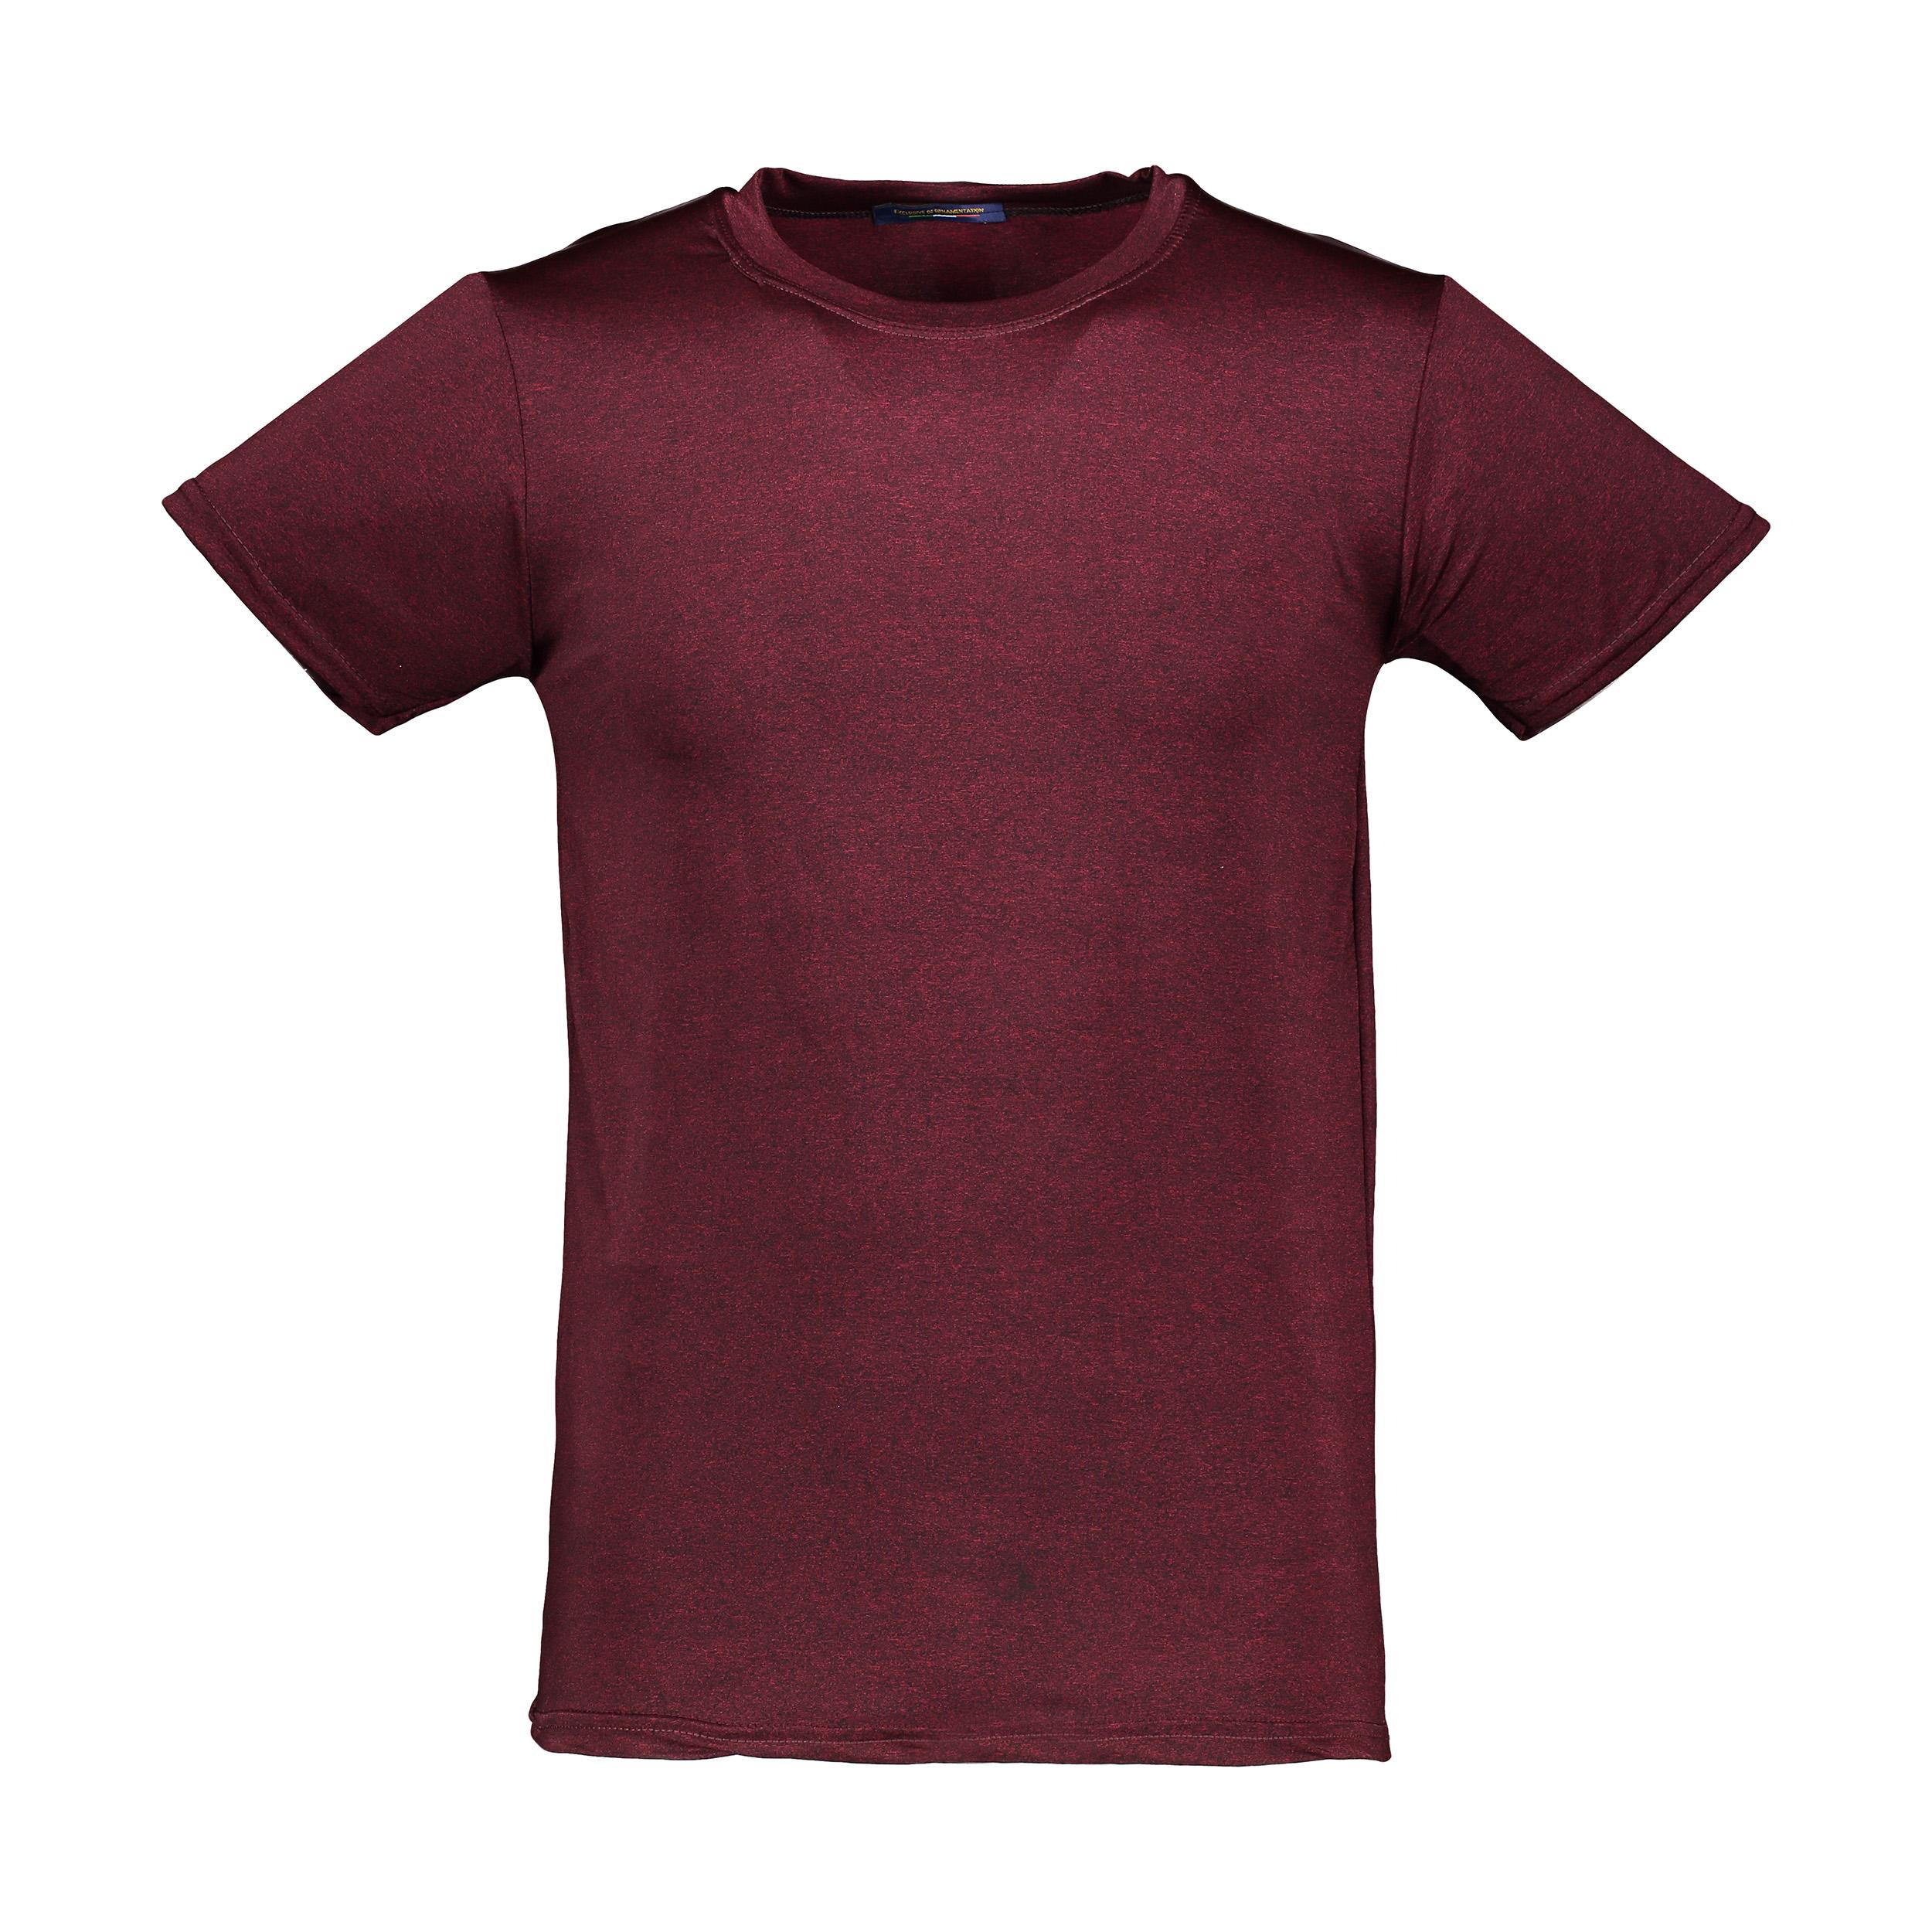 تی شرت مردانه مدل T.Baz.115